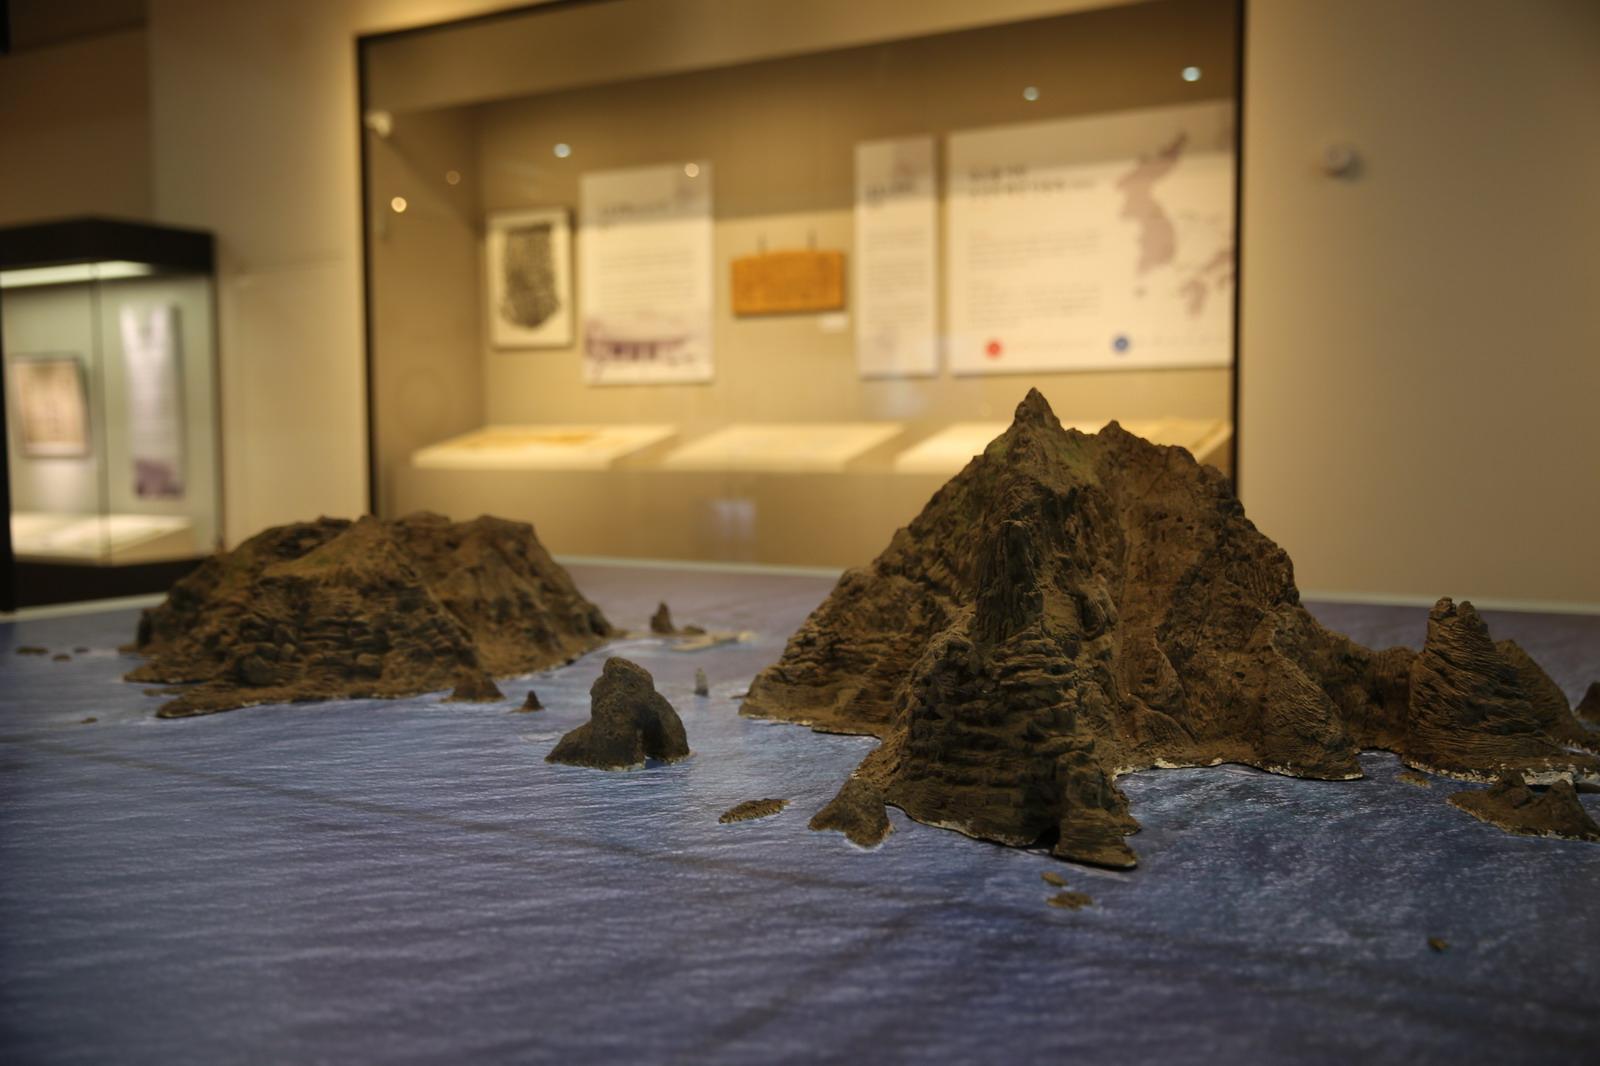 독도 vs 다케시마 - 보령에서 만난 독도